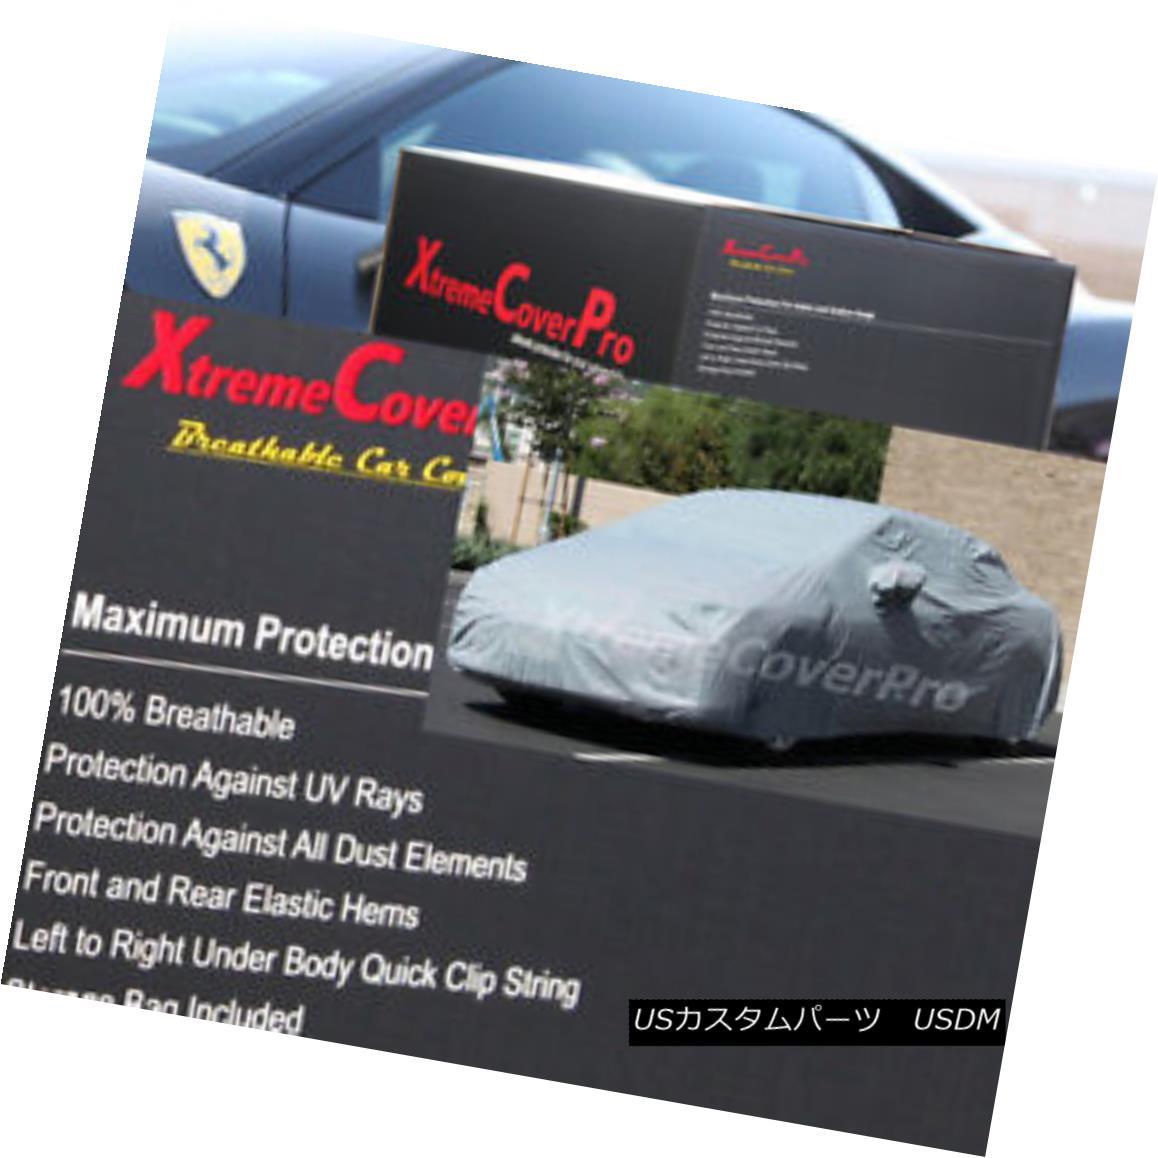 カーカバー 2008 2009 Ford Mustang Convertible Breathable Car Cover w/MirrorPocket MirrorPocketを搭載した2008年の2009年のフォードマスタングコンバーチブル通気性の車カバー